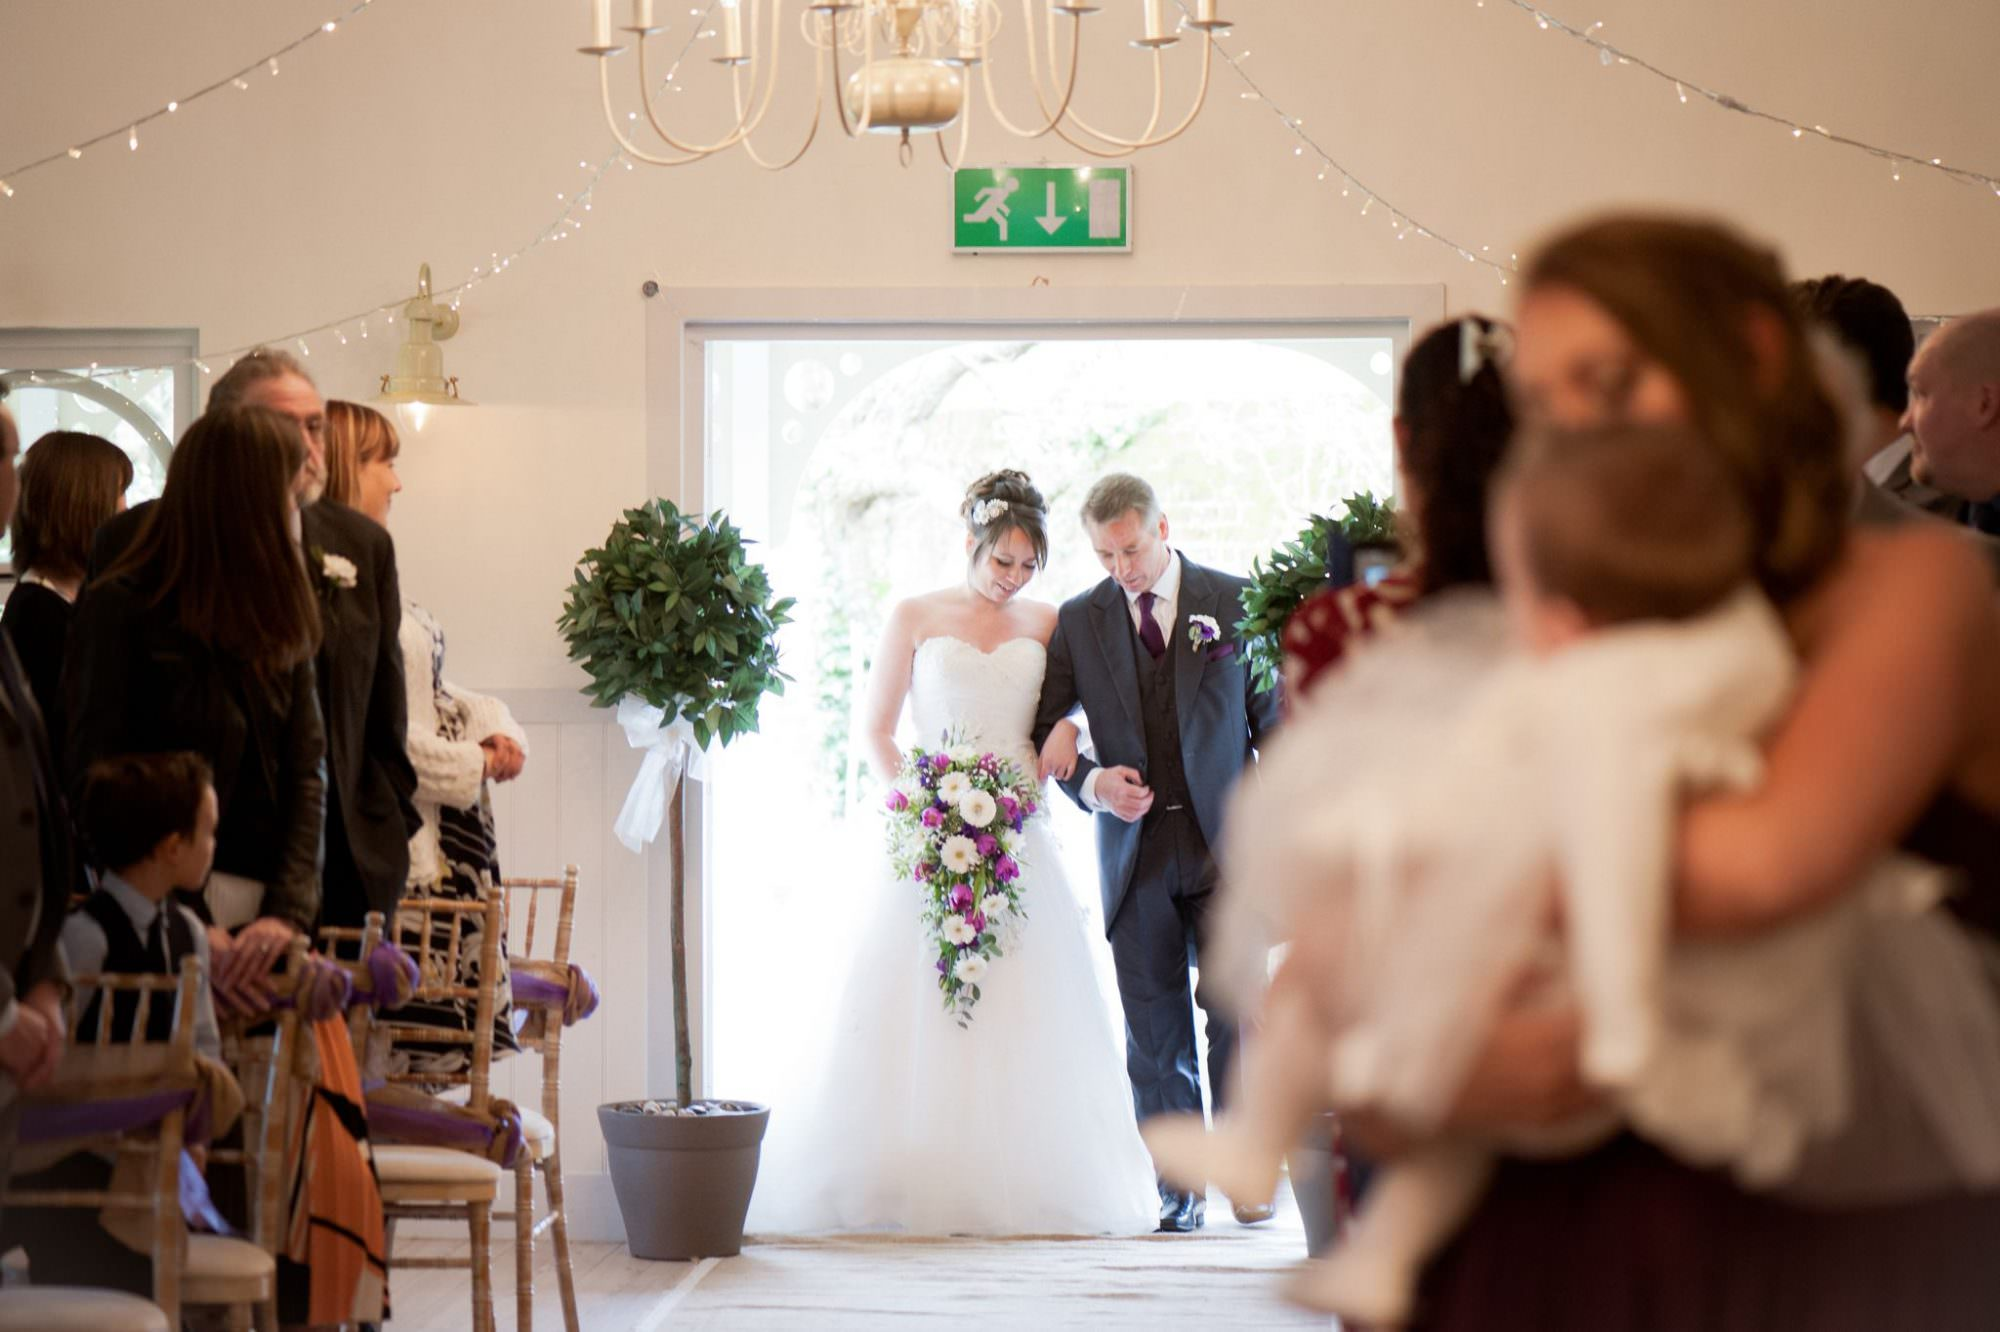 Bridal entrance at Kings Arms Hotel Wedding